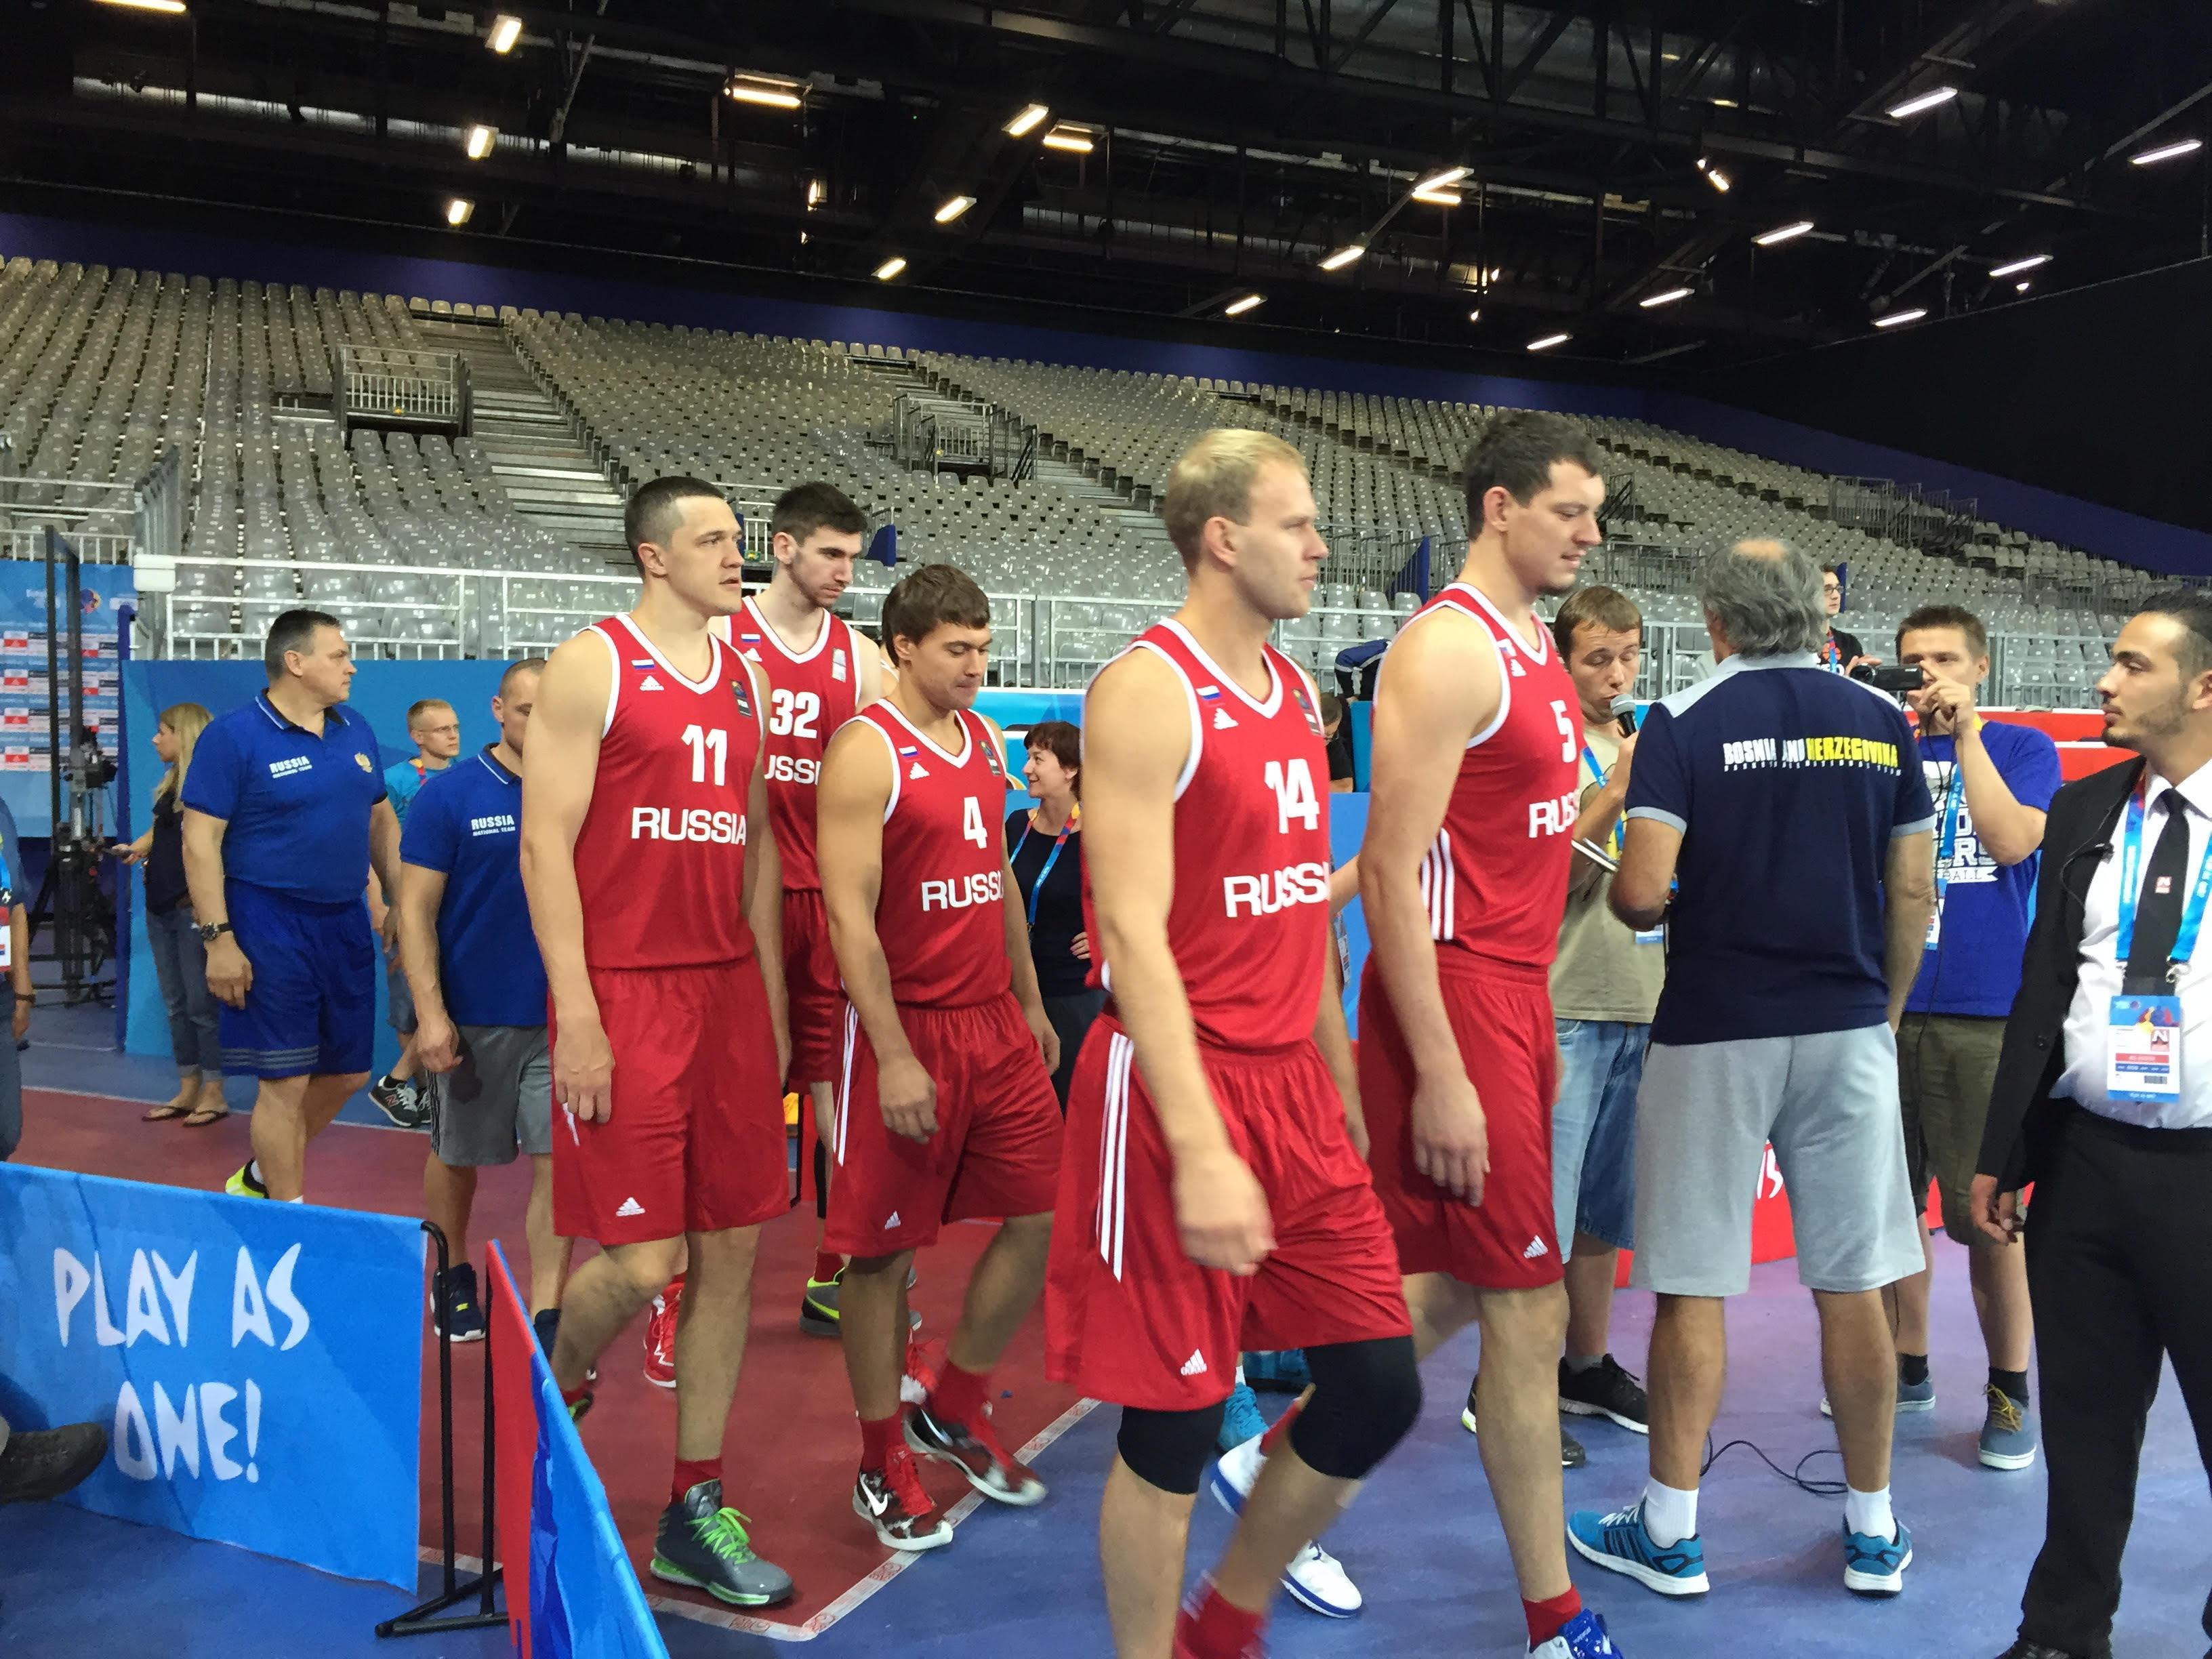 הערב: ישראל מול רוסיה בפתיחת אליפות אירופה